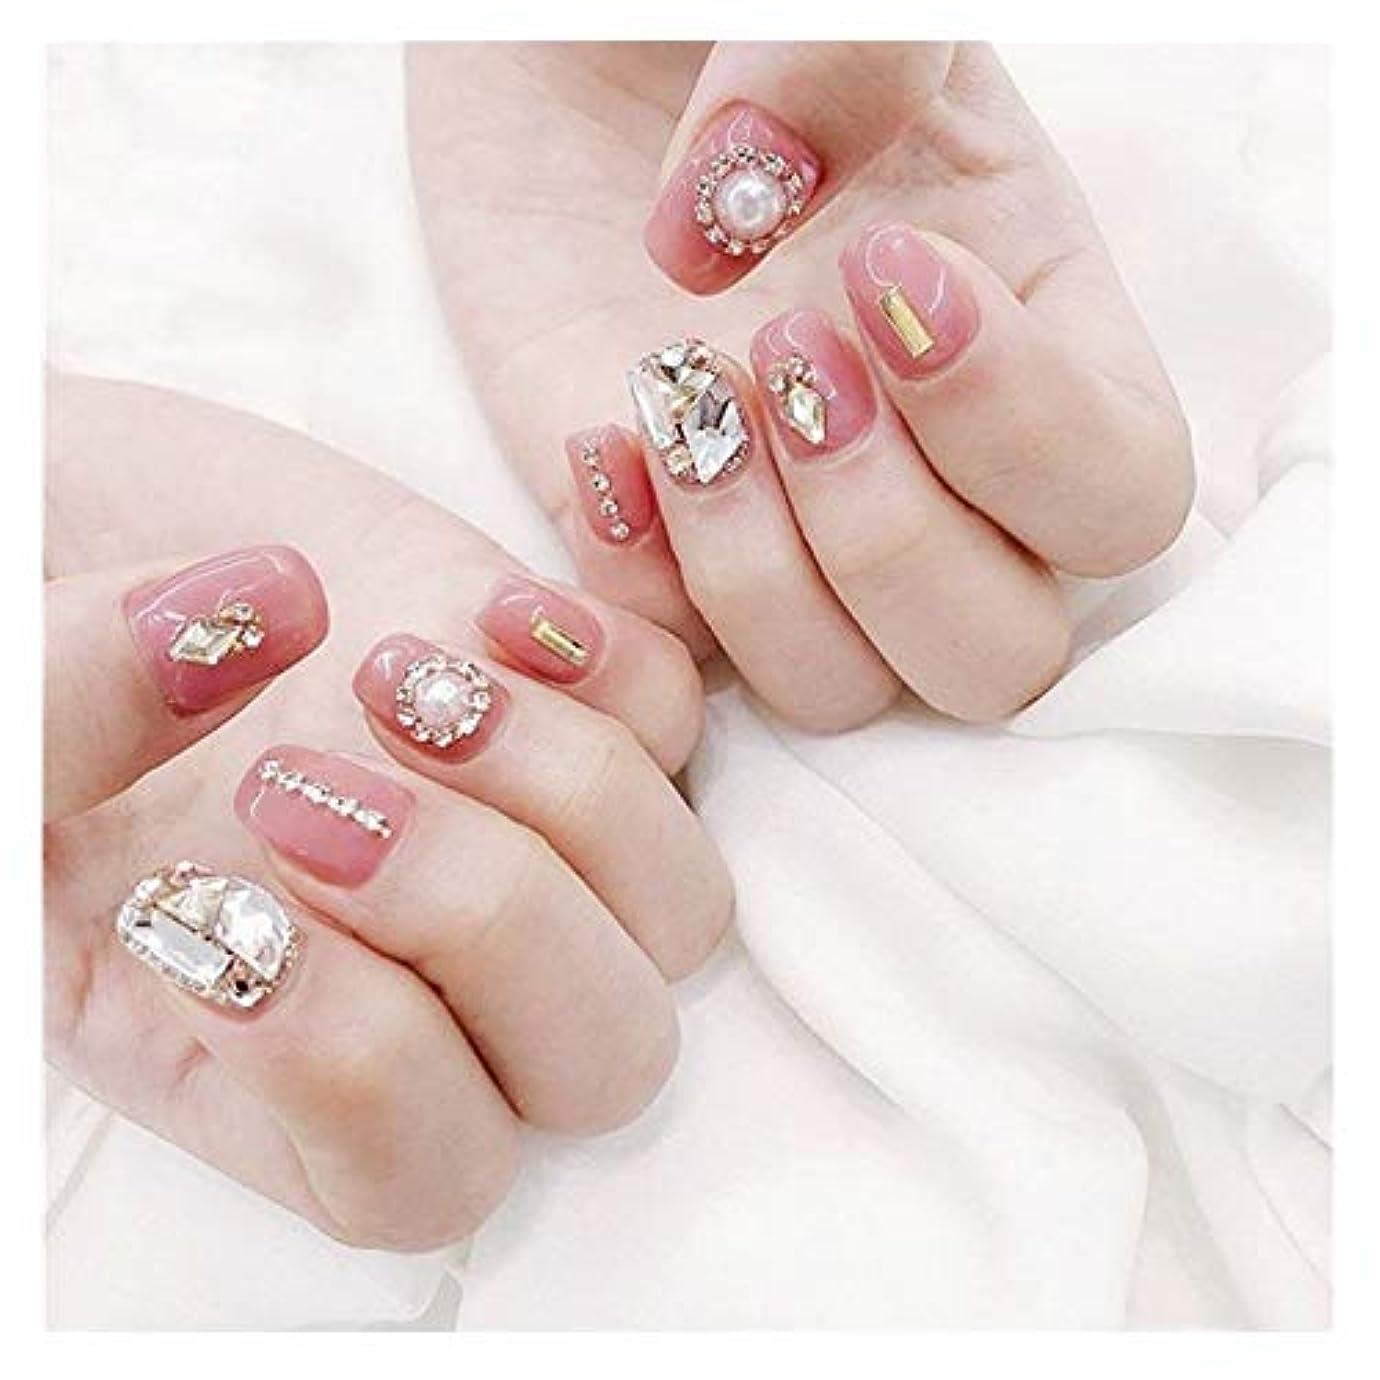 愛可愛い経済的LVUITTON ダイヤモンドのり偽の爪ピンクのかわいい花嫁フォトスタジオ完成ネイル偽の釘 (色 : 24 pieces)